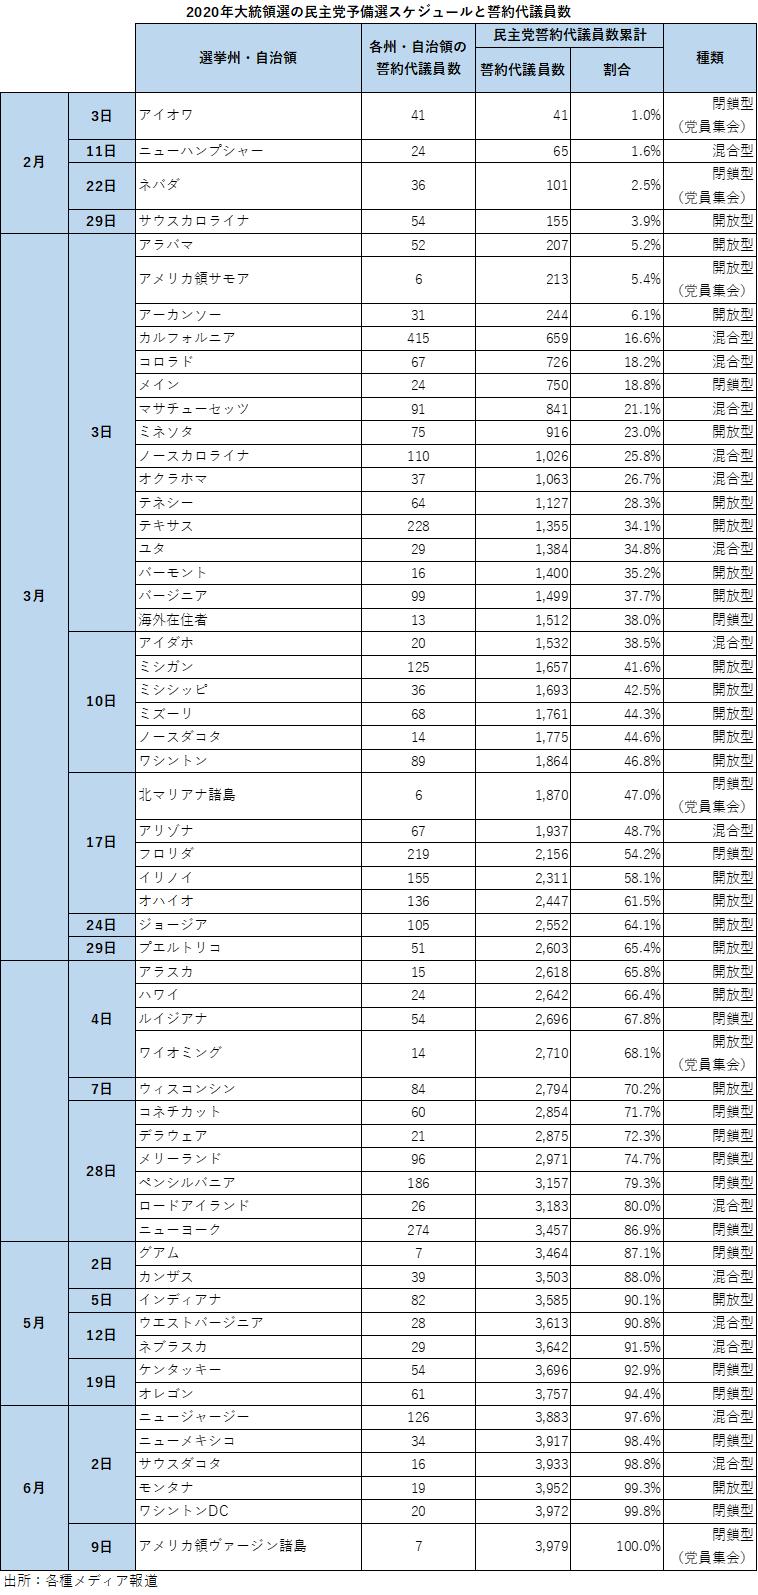 2020年大統領選の民主党予備選スケジュールと誓約代議員数(出所:各種メディア報道より米州住友商事会社 ワシントン事務所作成)